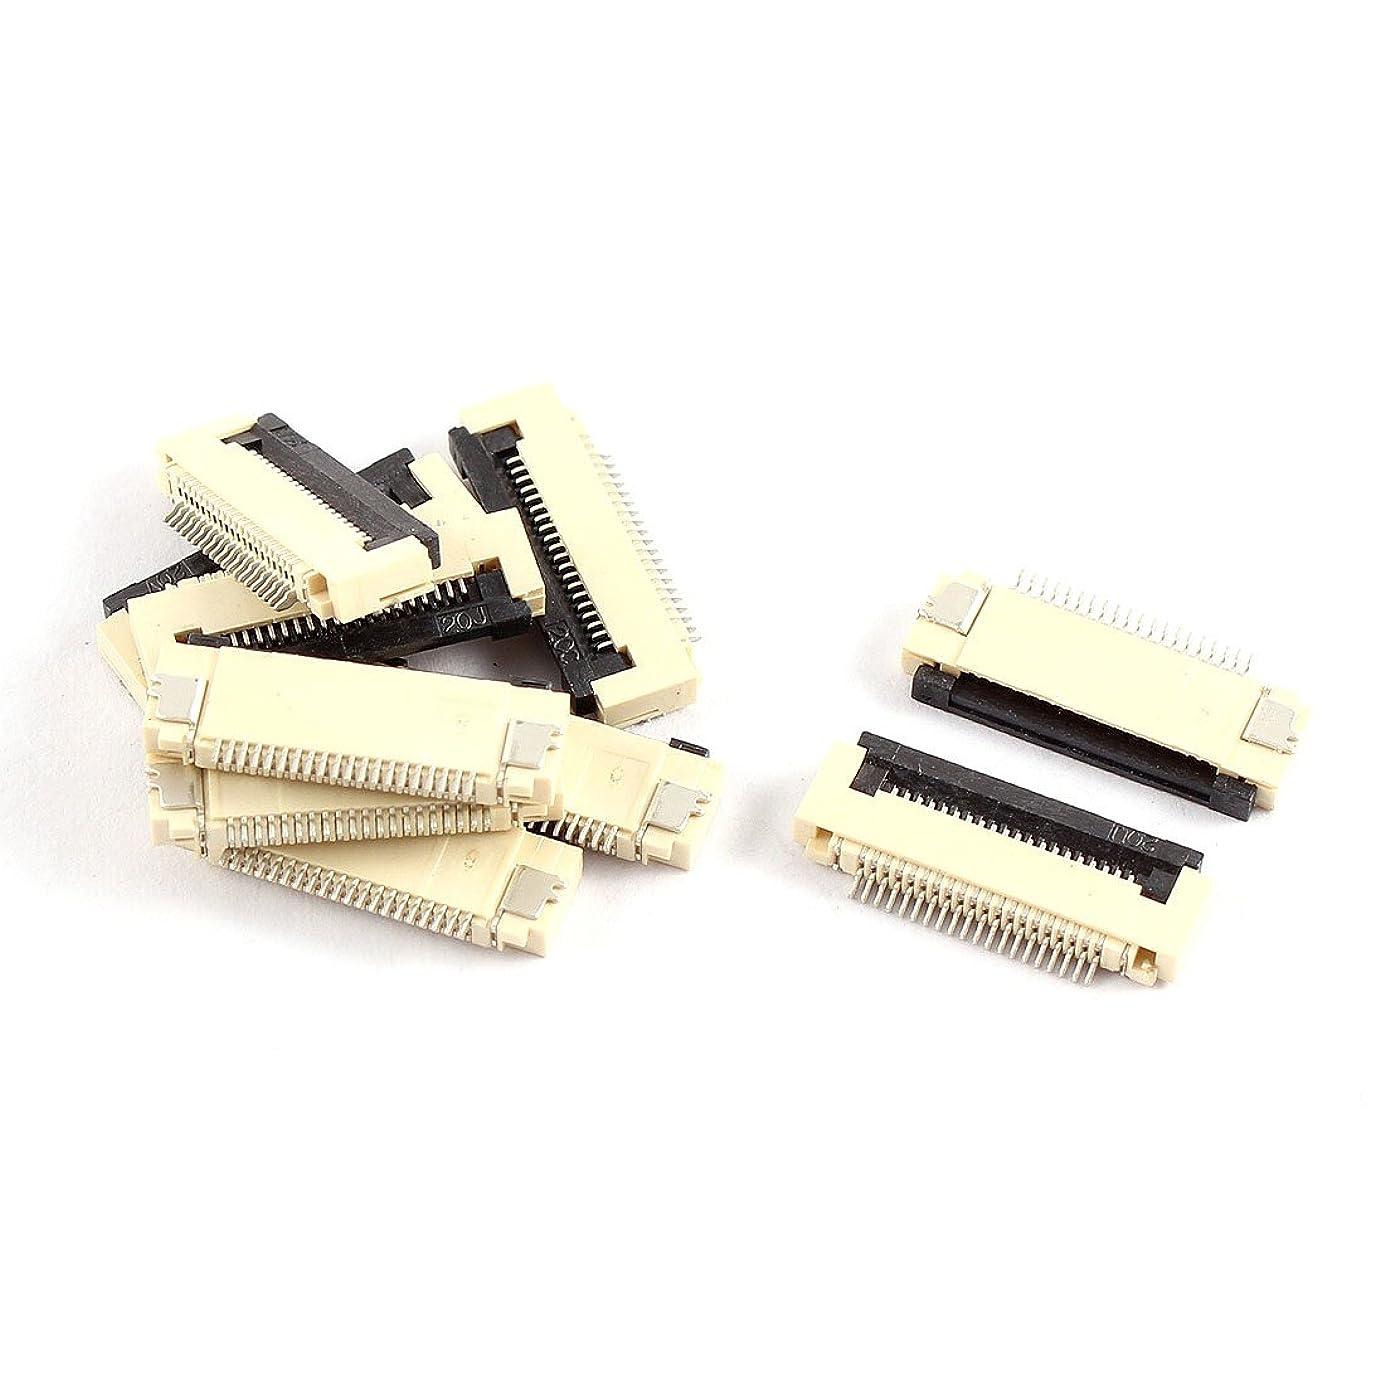 ジェットサラダ慰めuxcell フレキシブルフラットケーブルコネクタ 0.5mmのピッチ 20ピン 10個入り